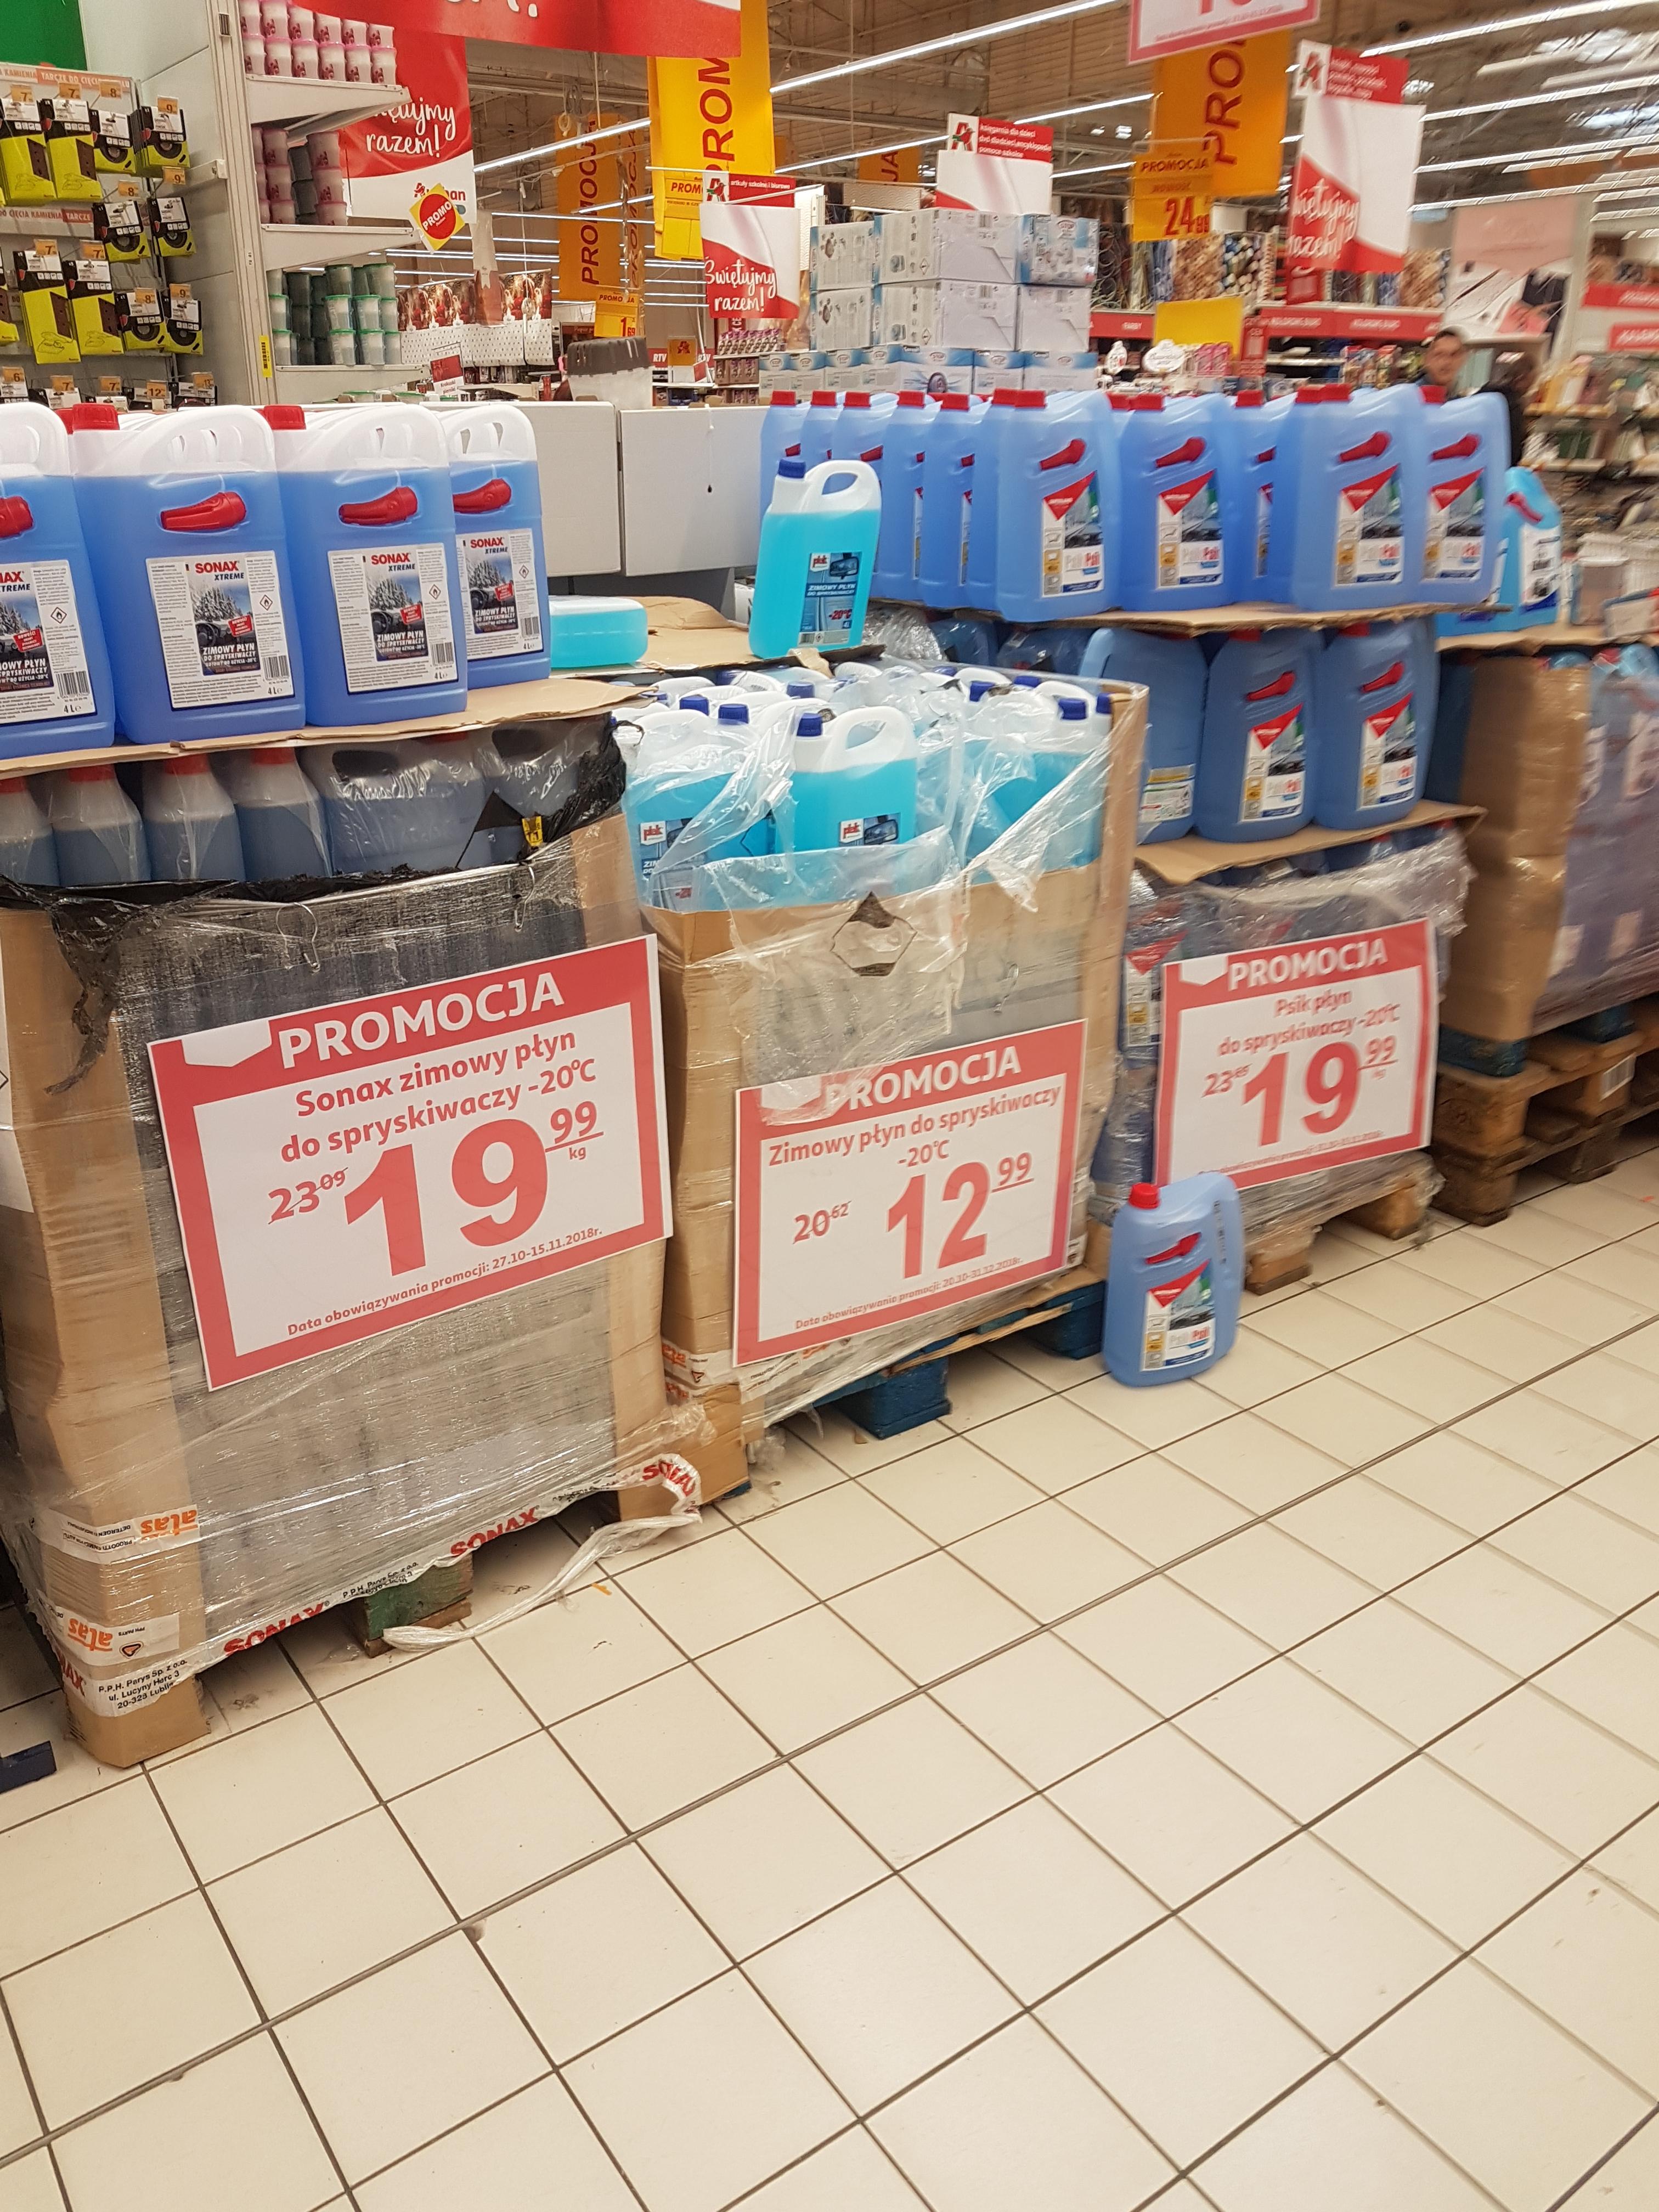 Auchan Komorniki Płyn do spryskiwaczy zimowy 5l Autoland PsikPsik  Plak 12.99